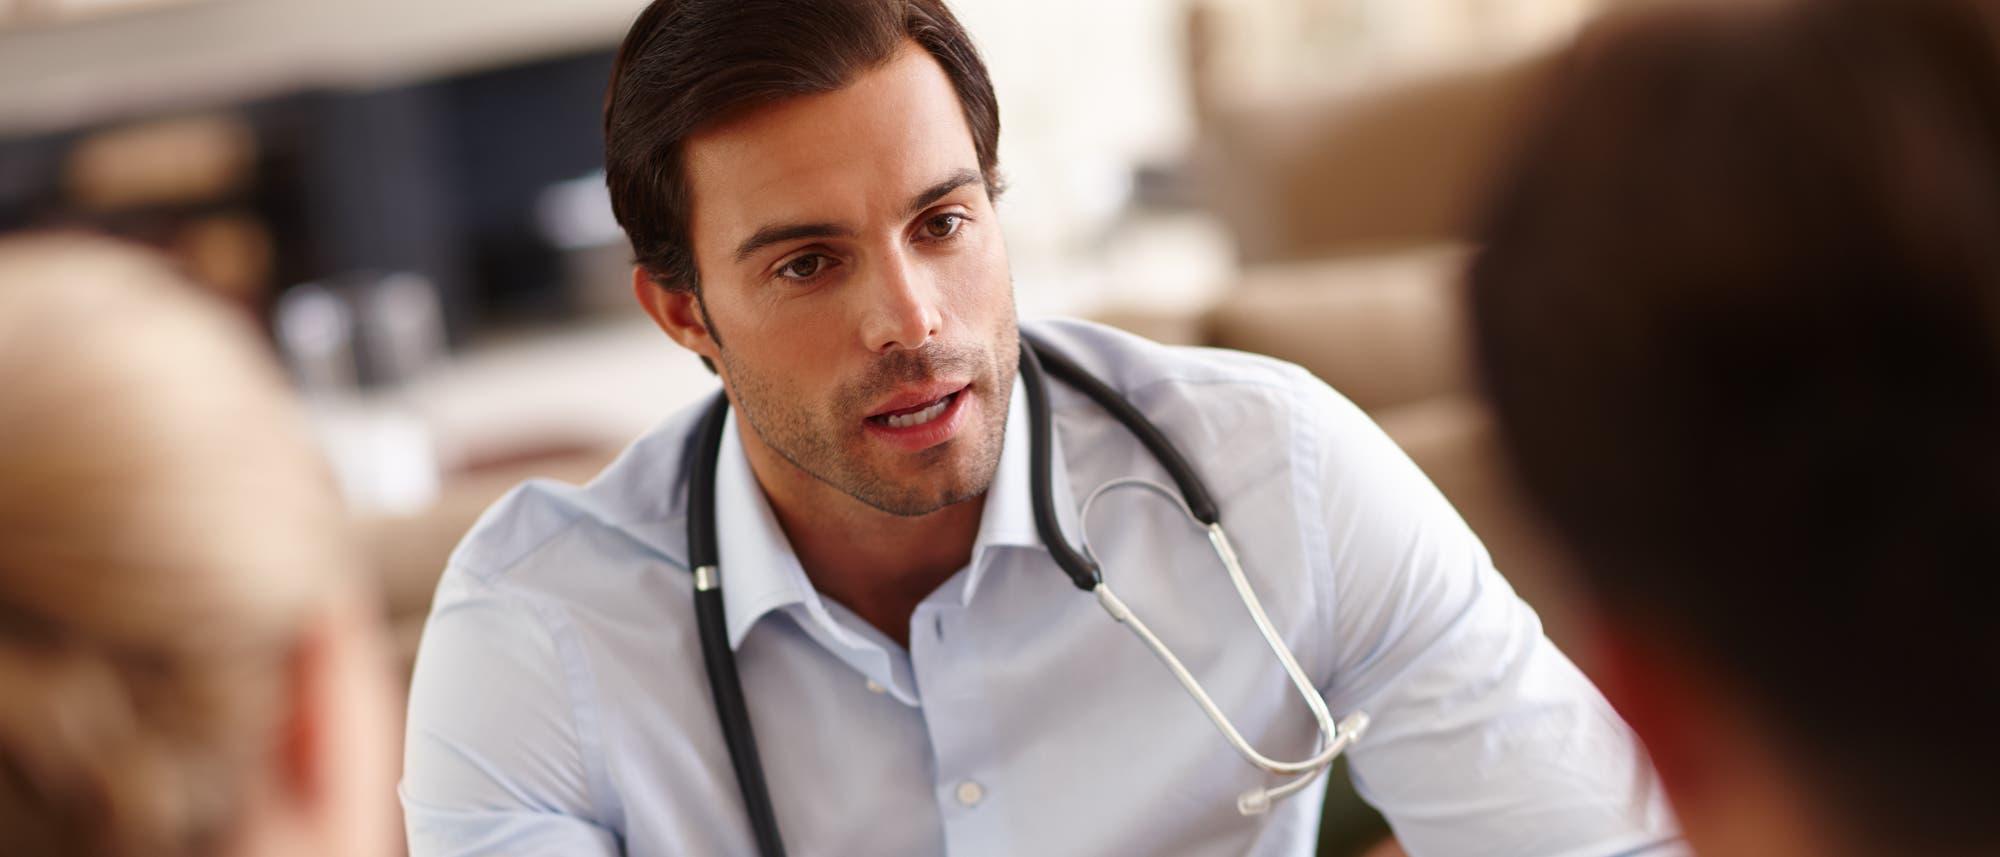 Ein Mediziner im Gespräch mit Patienten